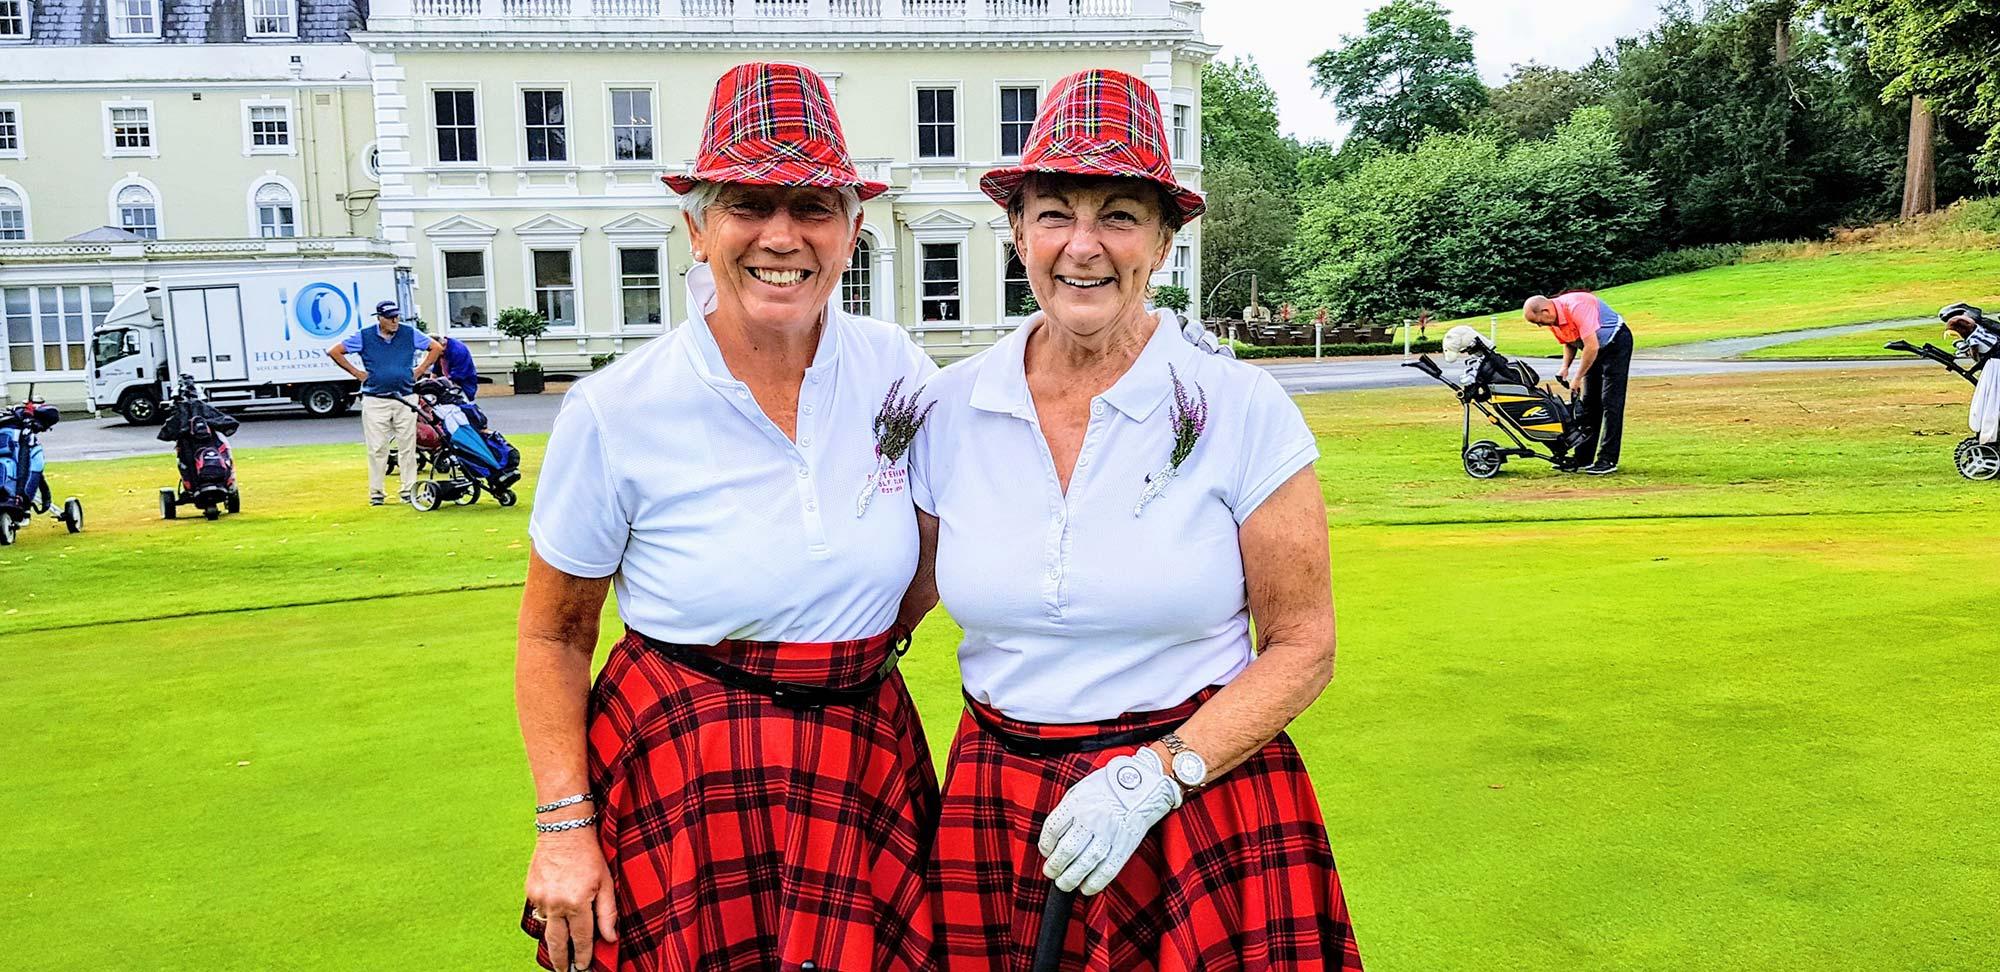 Prestigious Venues Golf Day 2019, 13